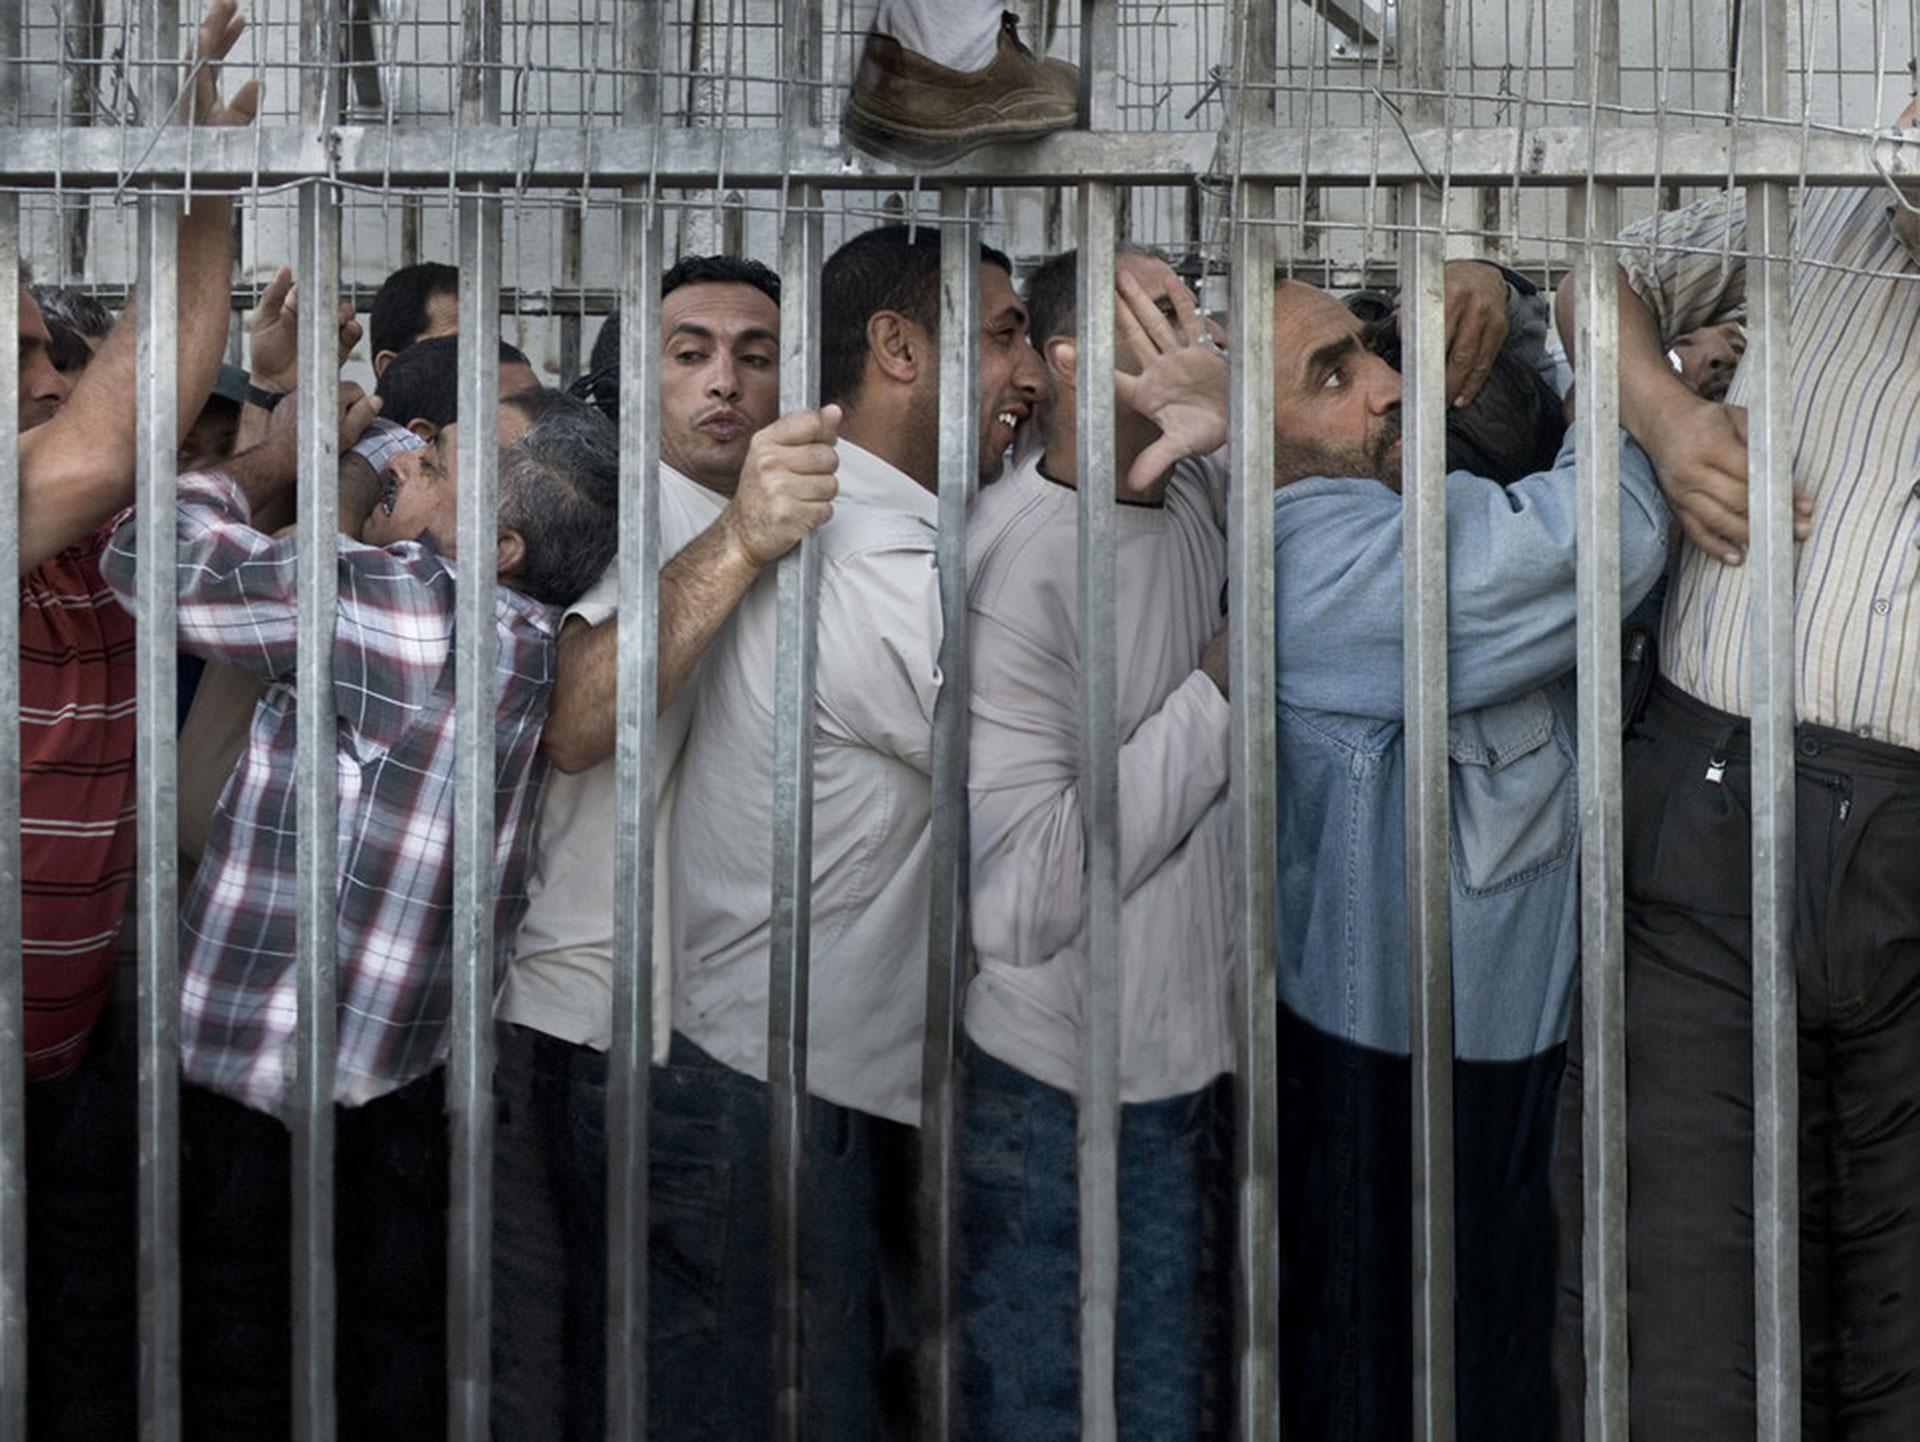 """Competencia """"Profesional"""" – Categoría """"Creativo"""": Todos los días, antes del atardecer, miles de trabajadores palestinos pasan entre dos y cuatro horas amontonados para cruzar el llamado """"CheckPoint 300"""", que divide Belén y Jerusalén, para trabajar en Jerusalén y sus alrededores. (Gentileza Sony World Photography Awards)"""